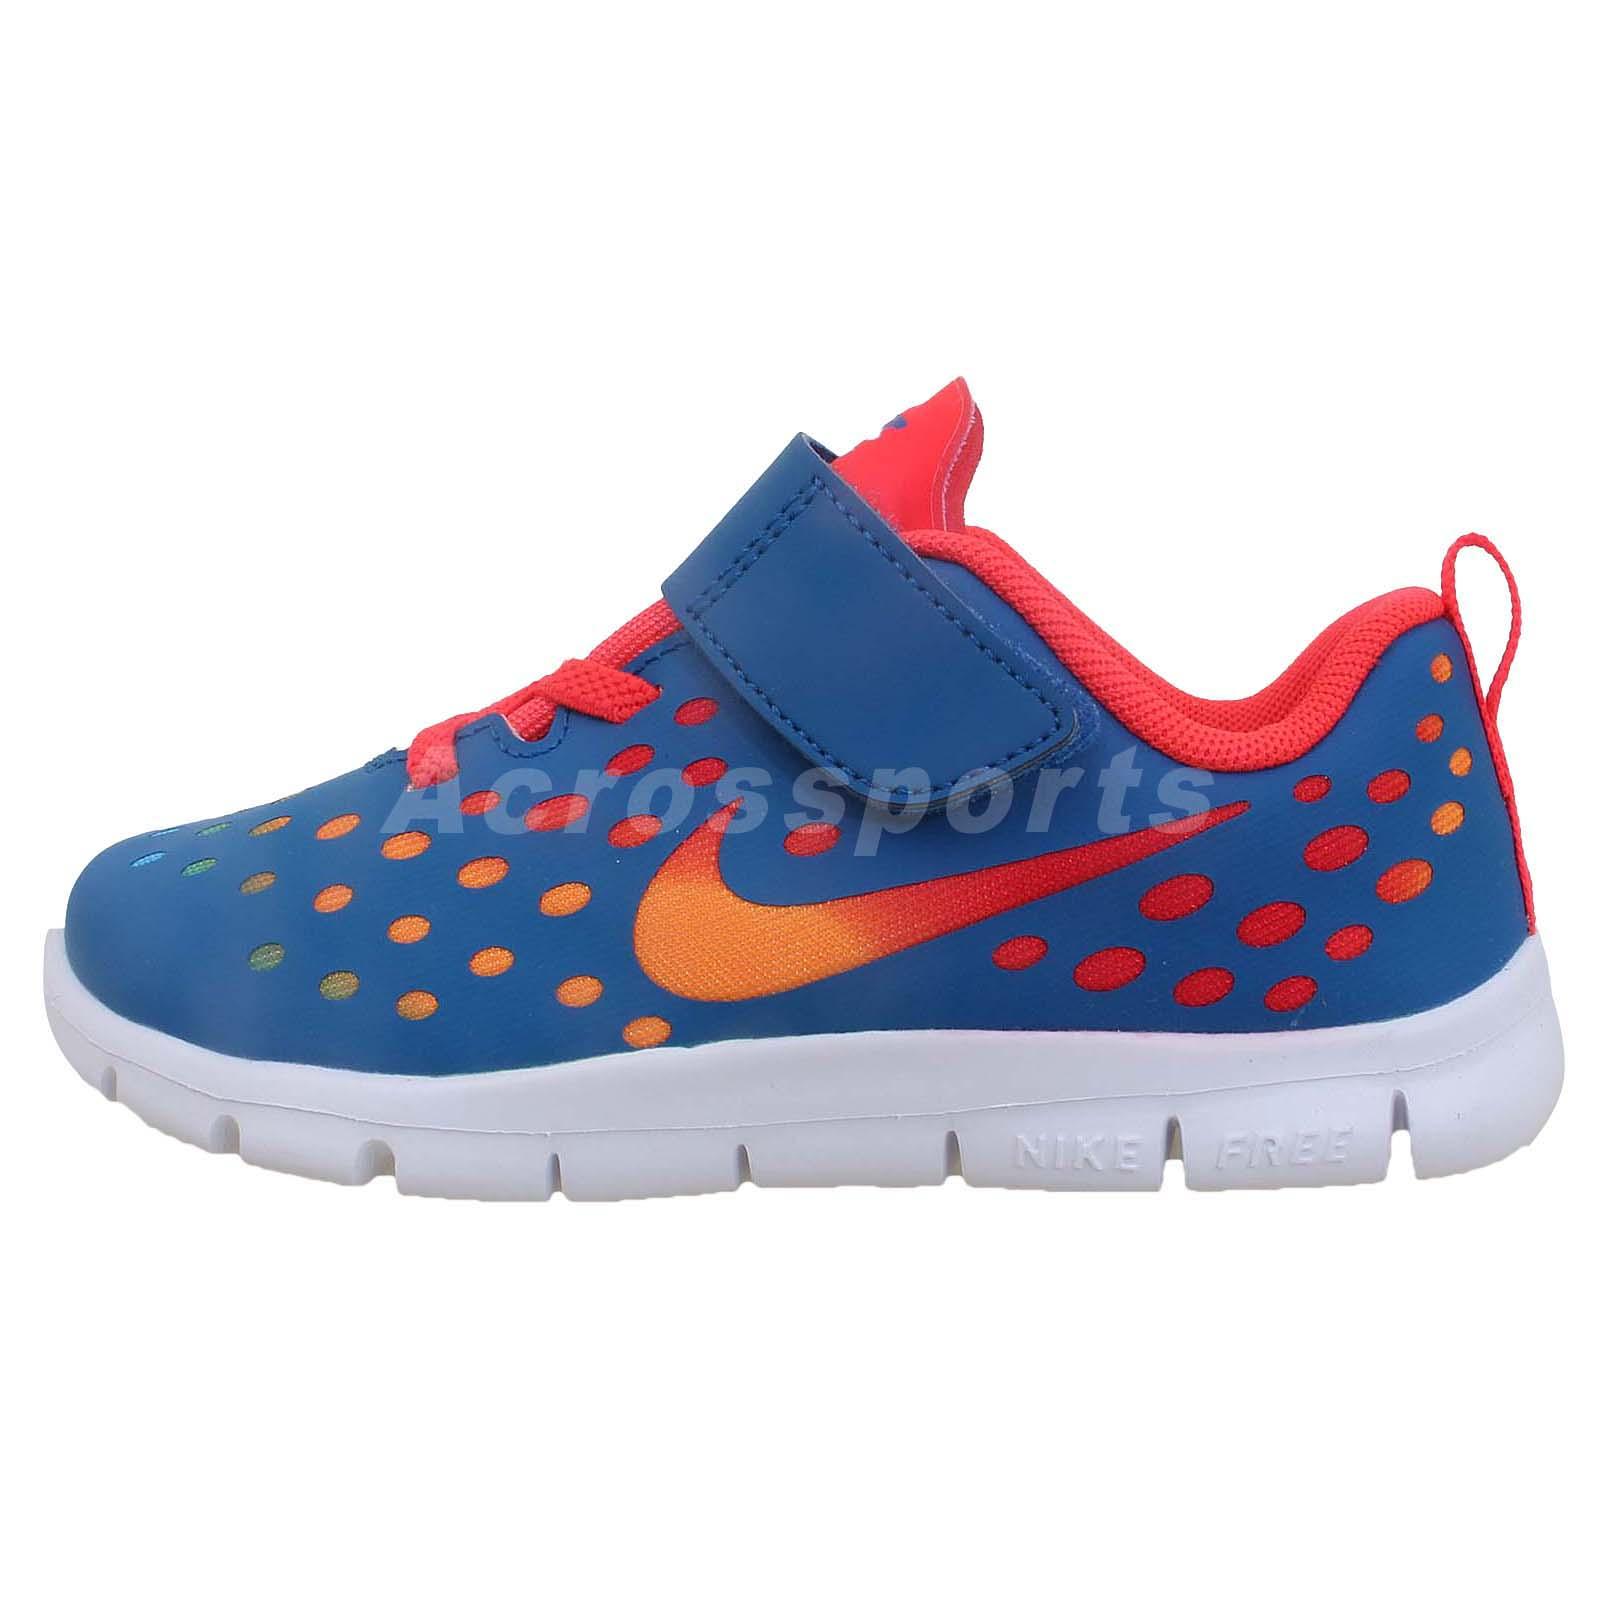 Nike Free Express TDV Blue Run Toddler Velcro Baby Walking